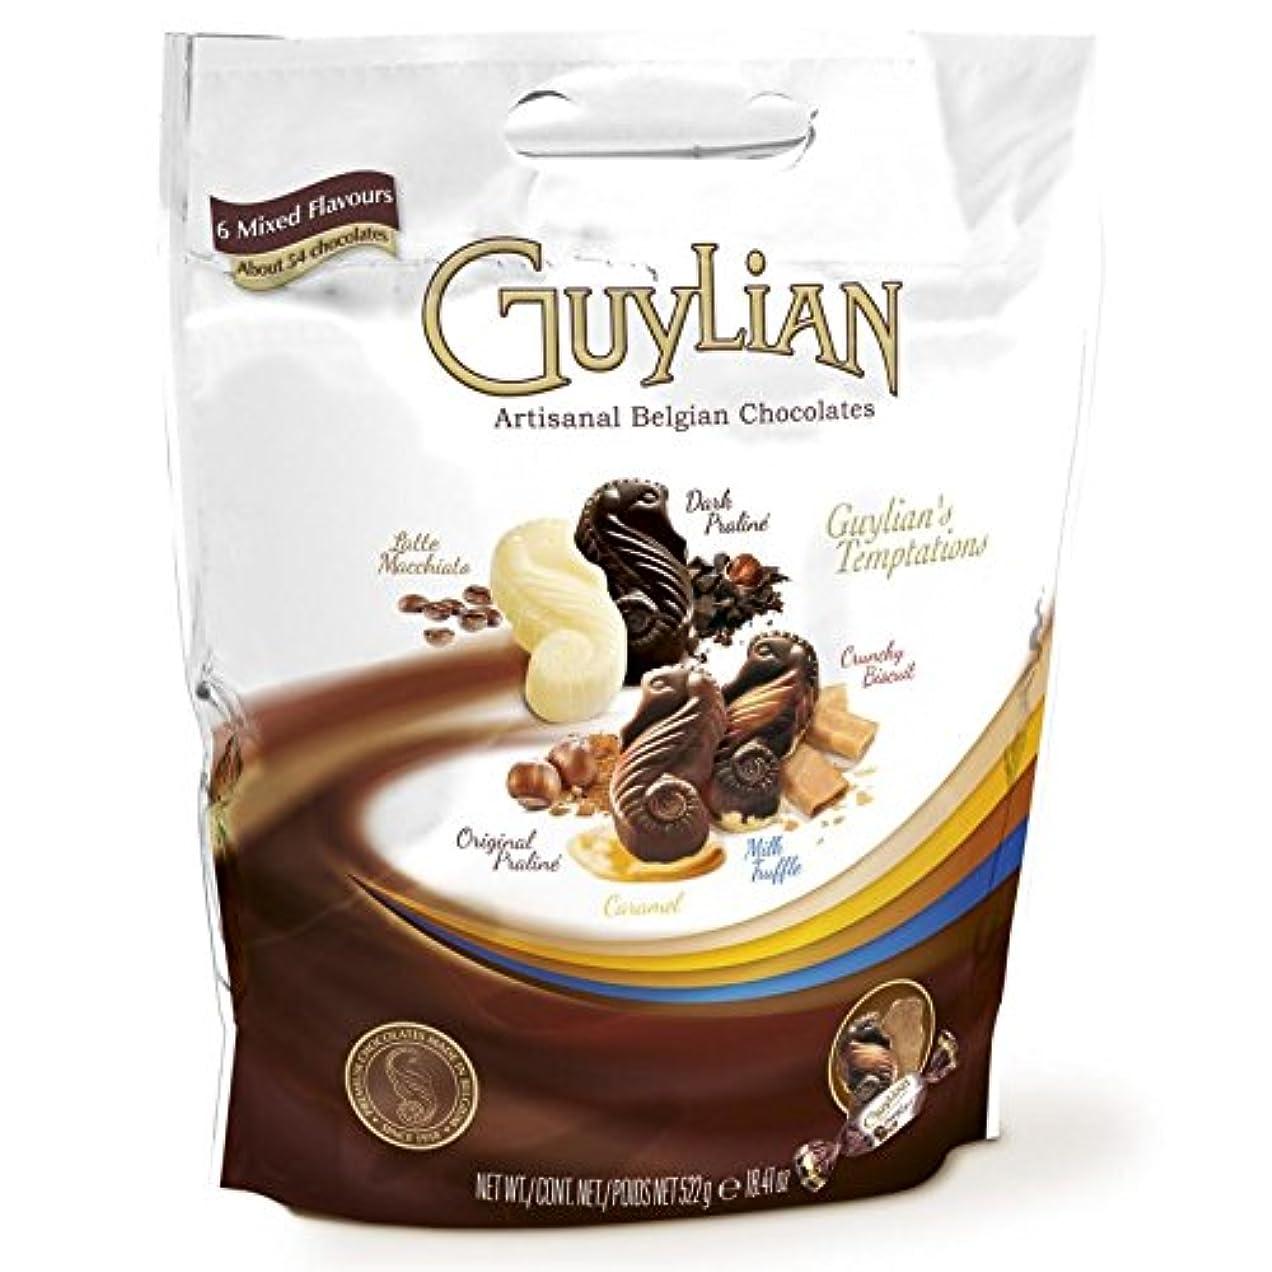 四回アドバイスページェントGUYLIAN ギリアン テンプテーション チョコレートアソート 522g(6種類/約54個入り) ベルジャンチョコレート